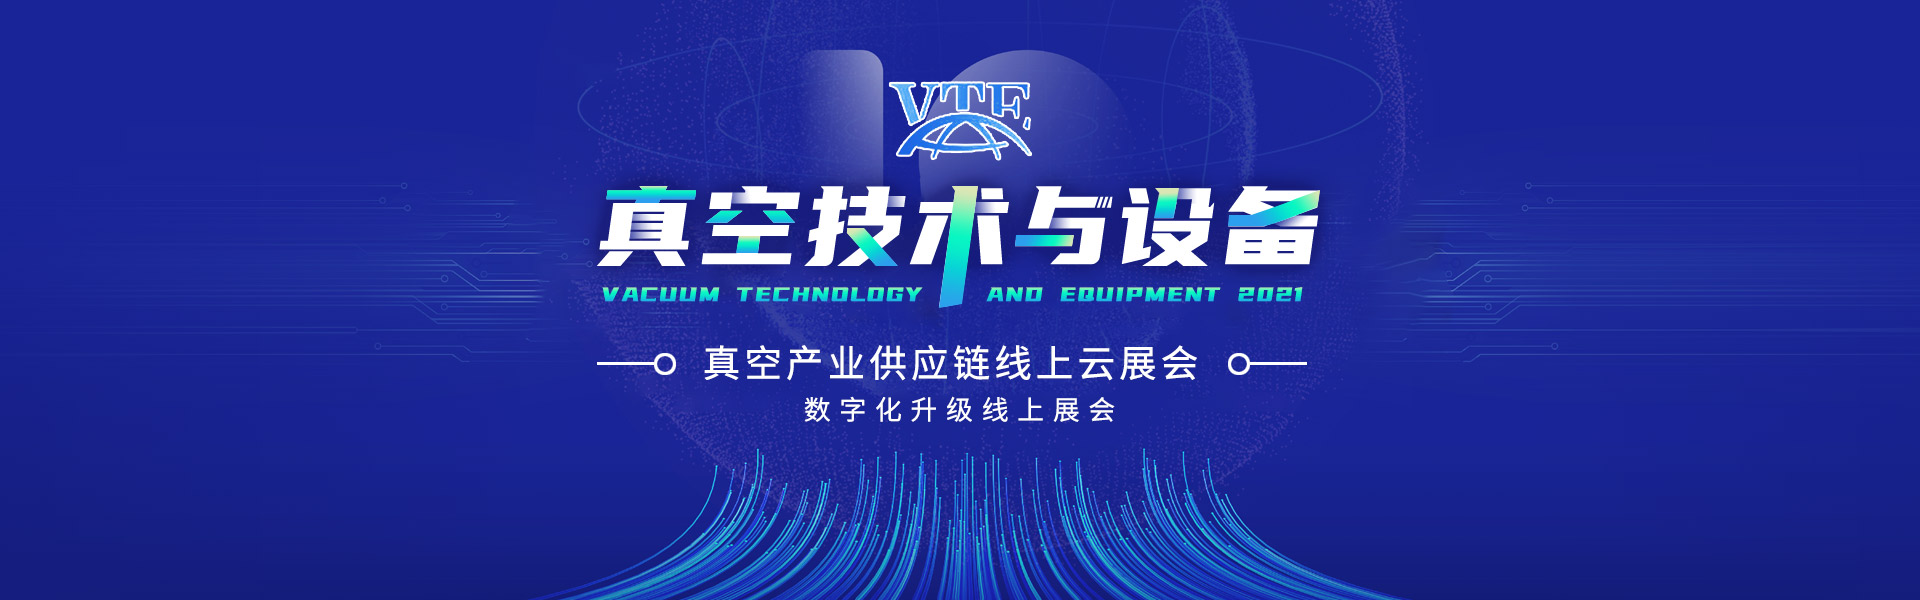 真空技术与设备-真空产业供应链云展